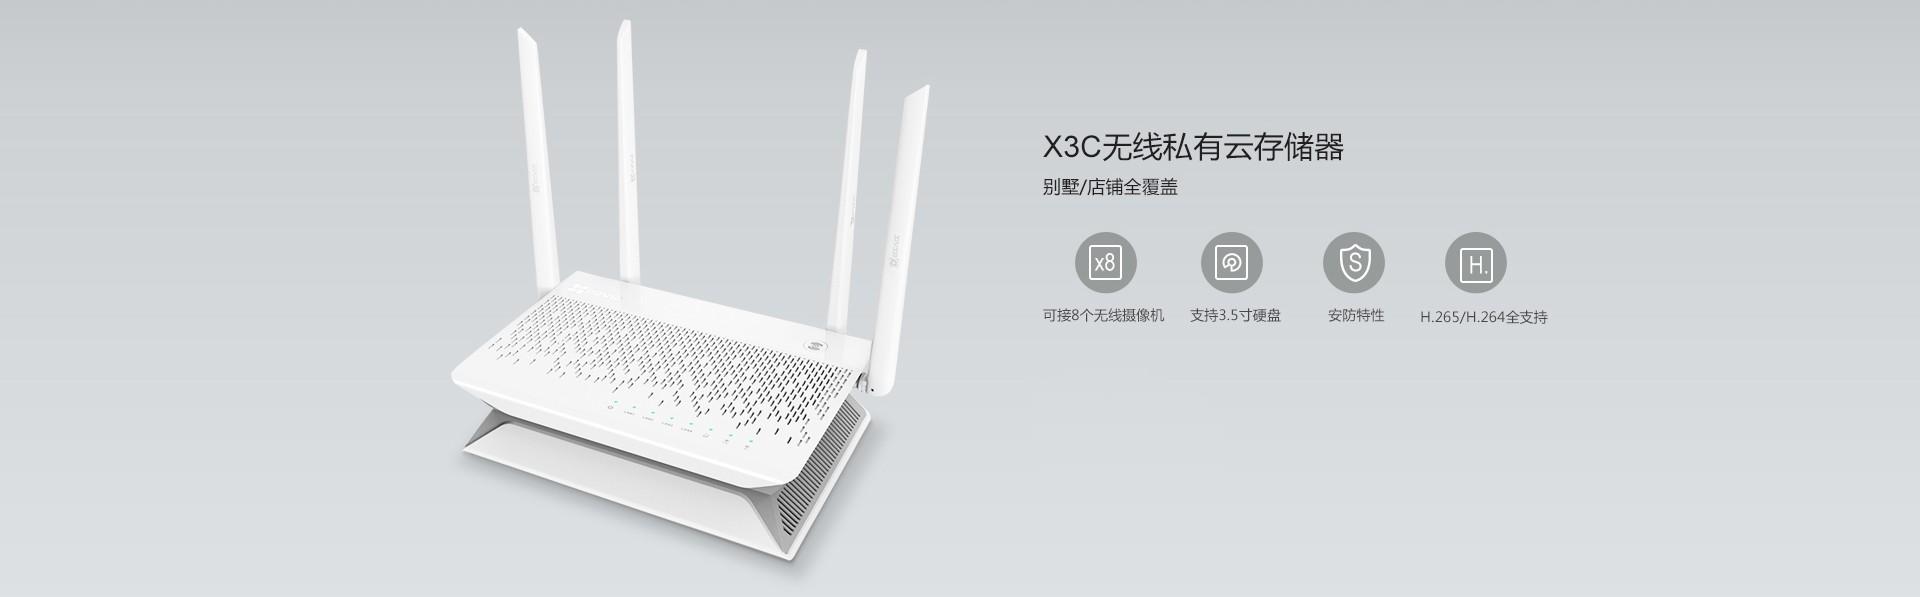 X3C商品详情页(web) -2.jpg